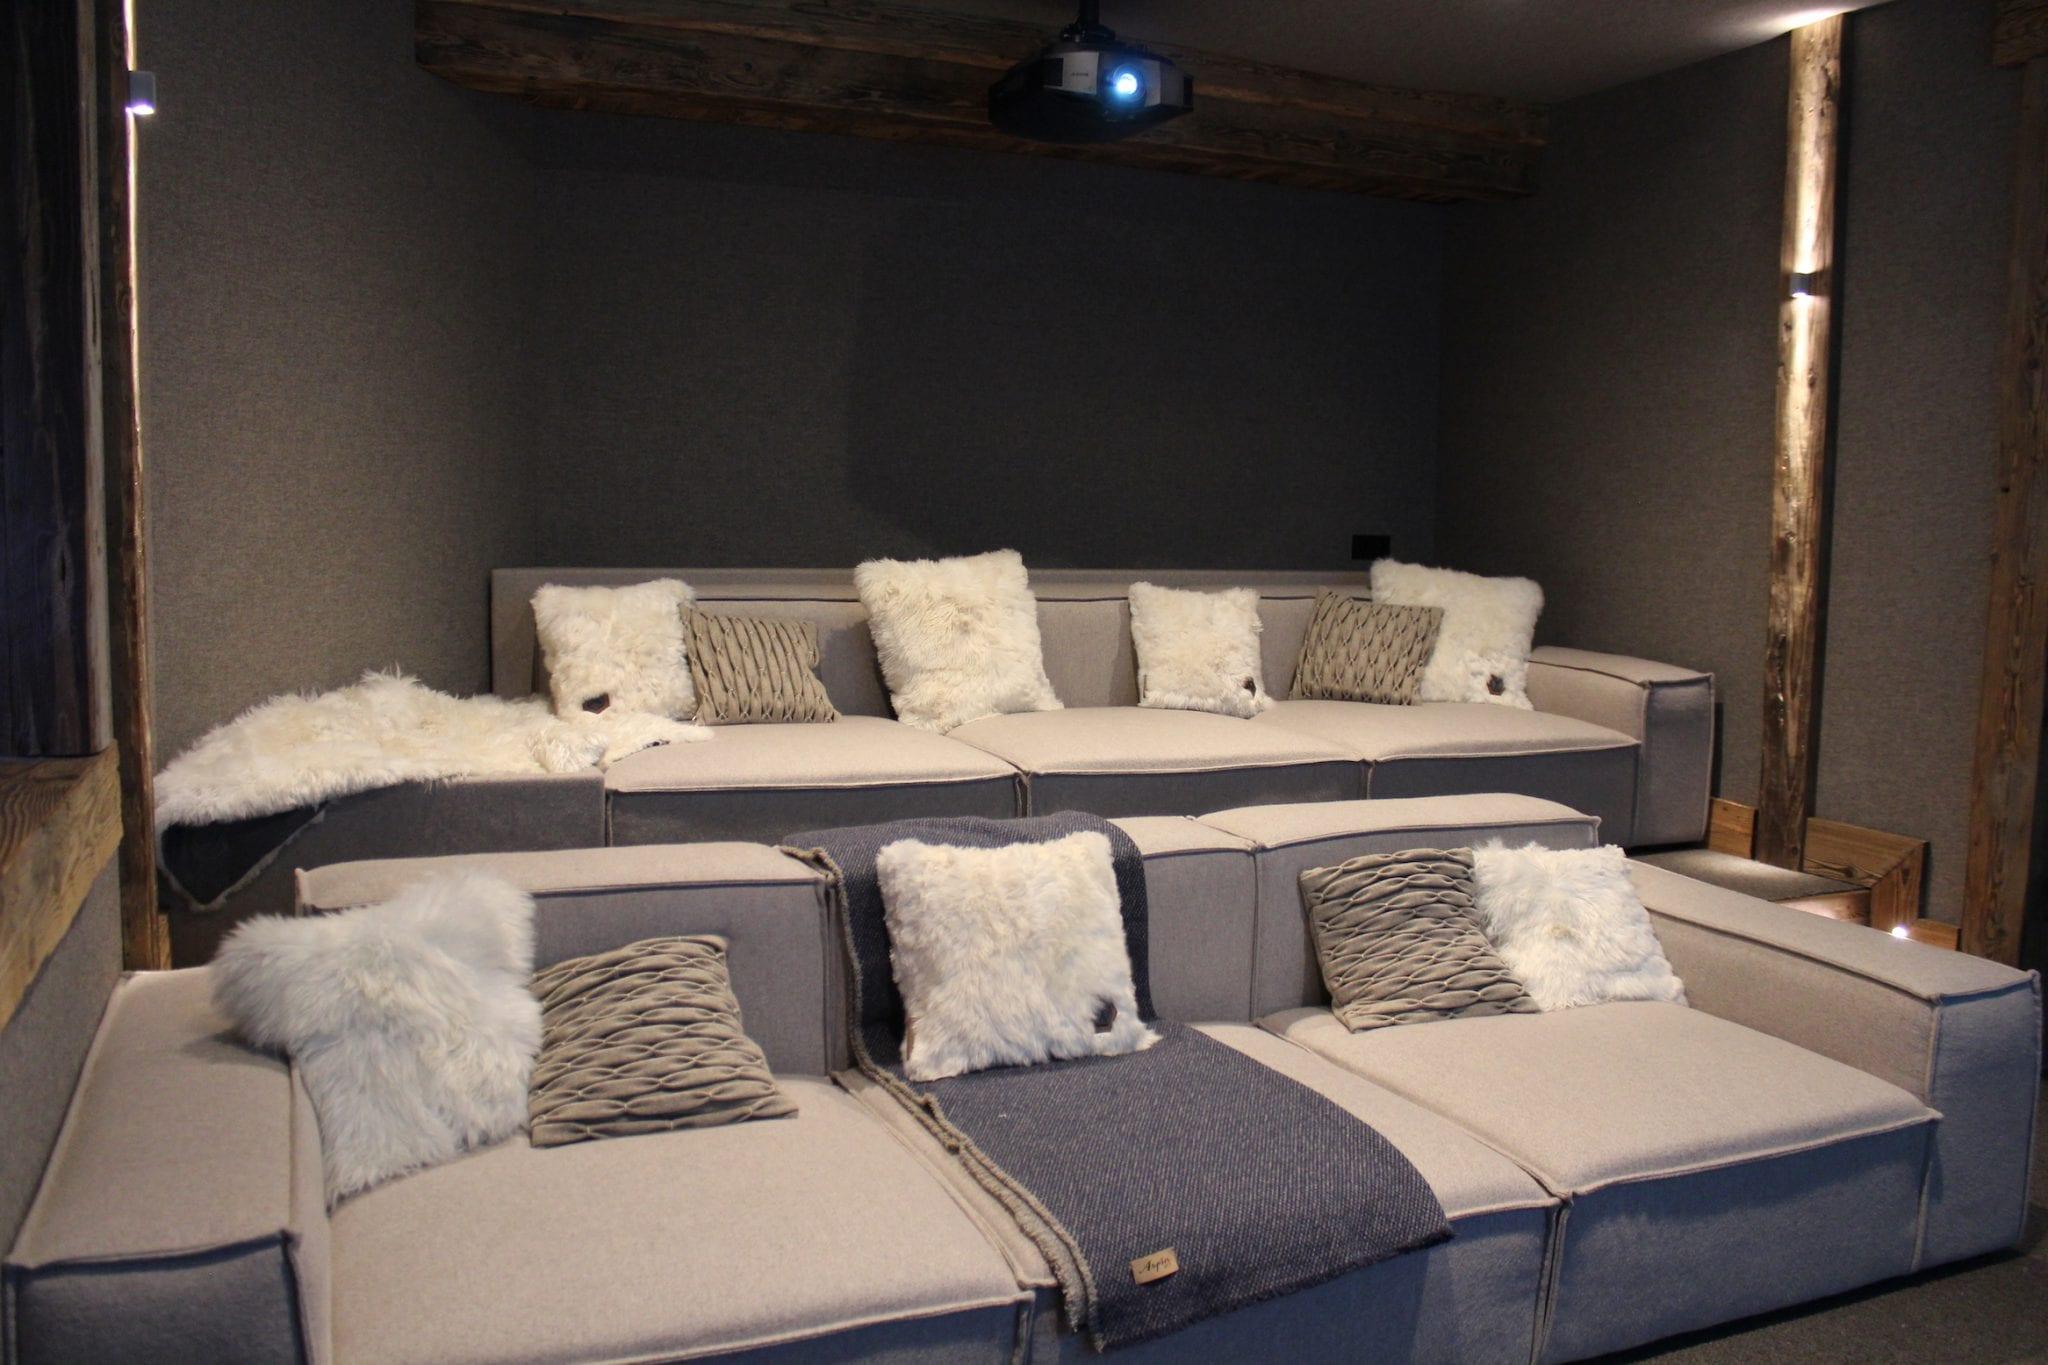 cinema-room-3-2